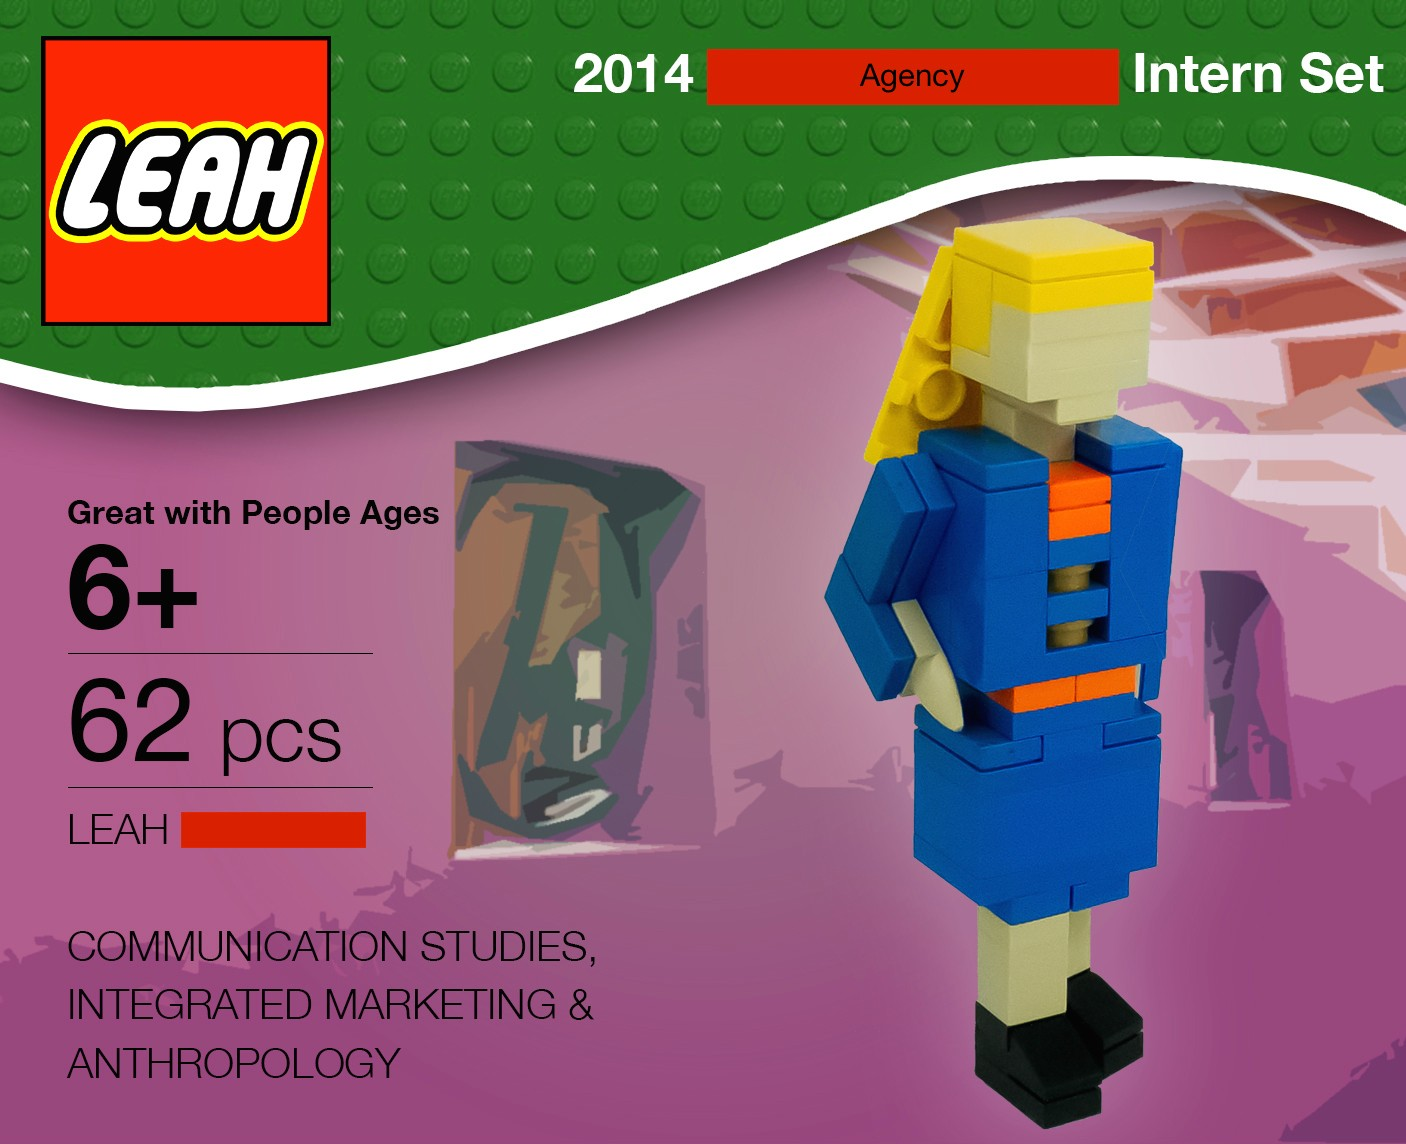 lego-intern-3-2014